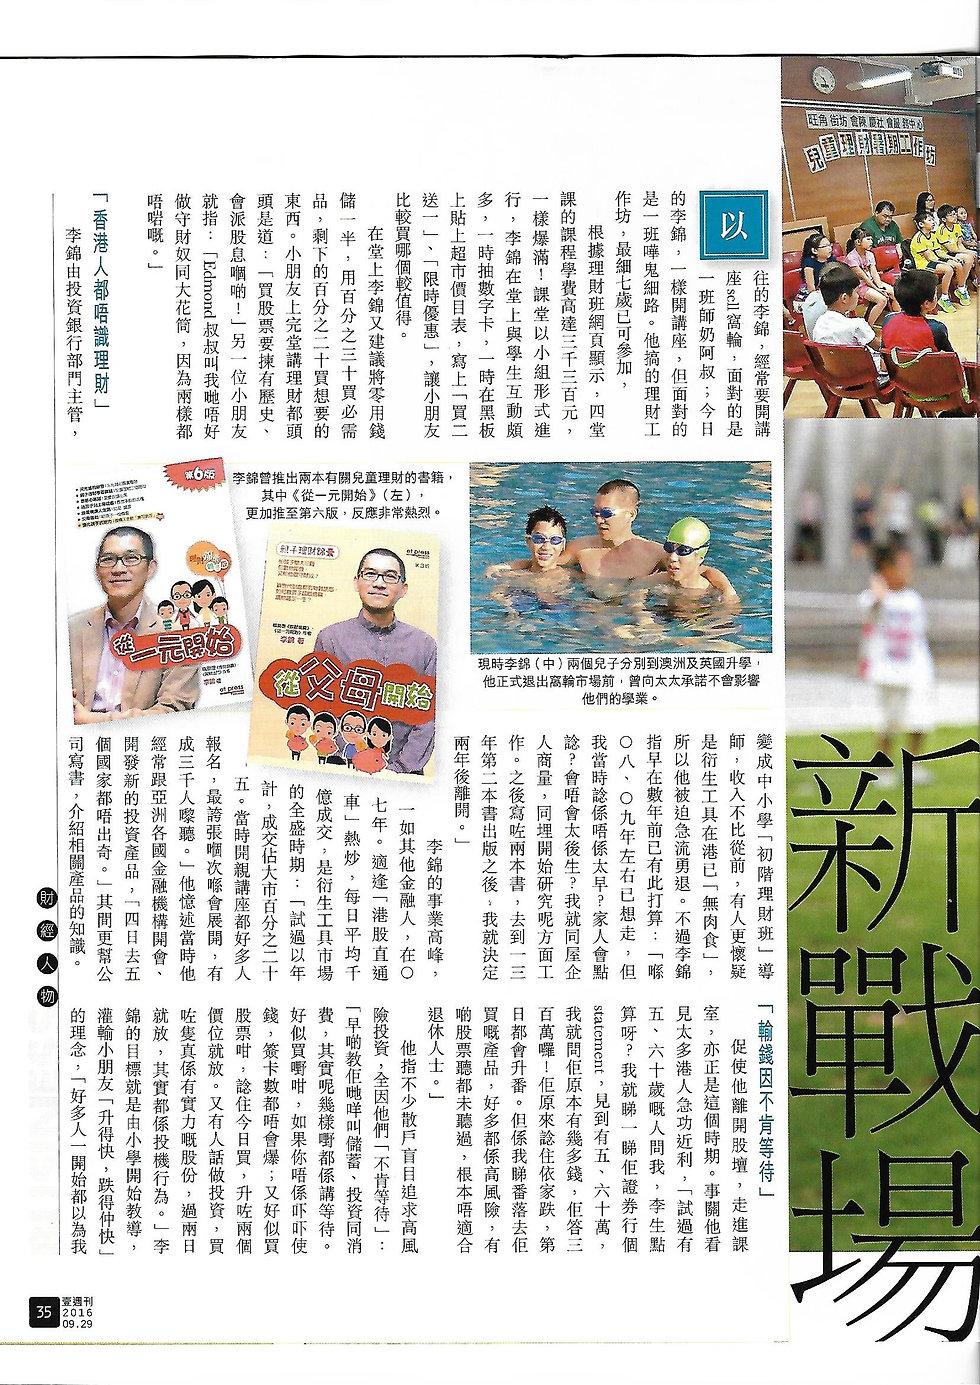 20160928_壹周刊_Page_2.jpg